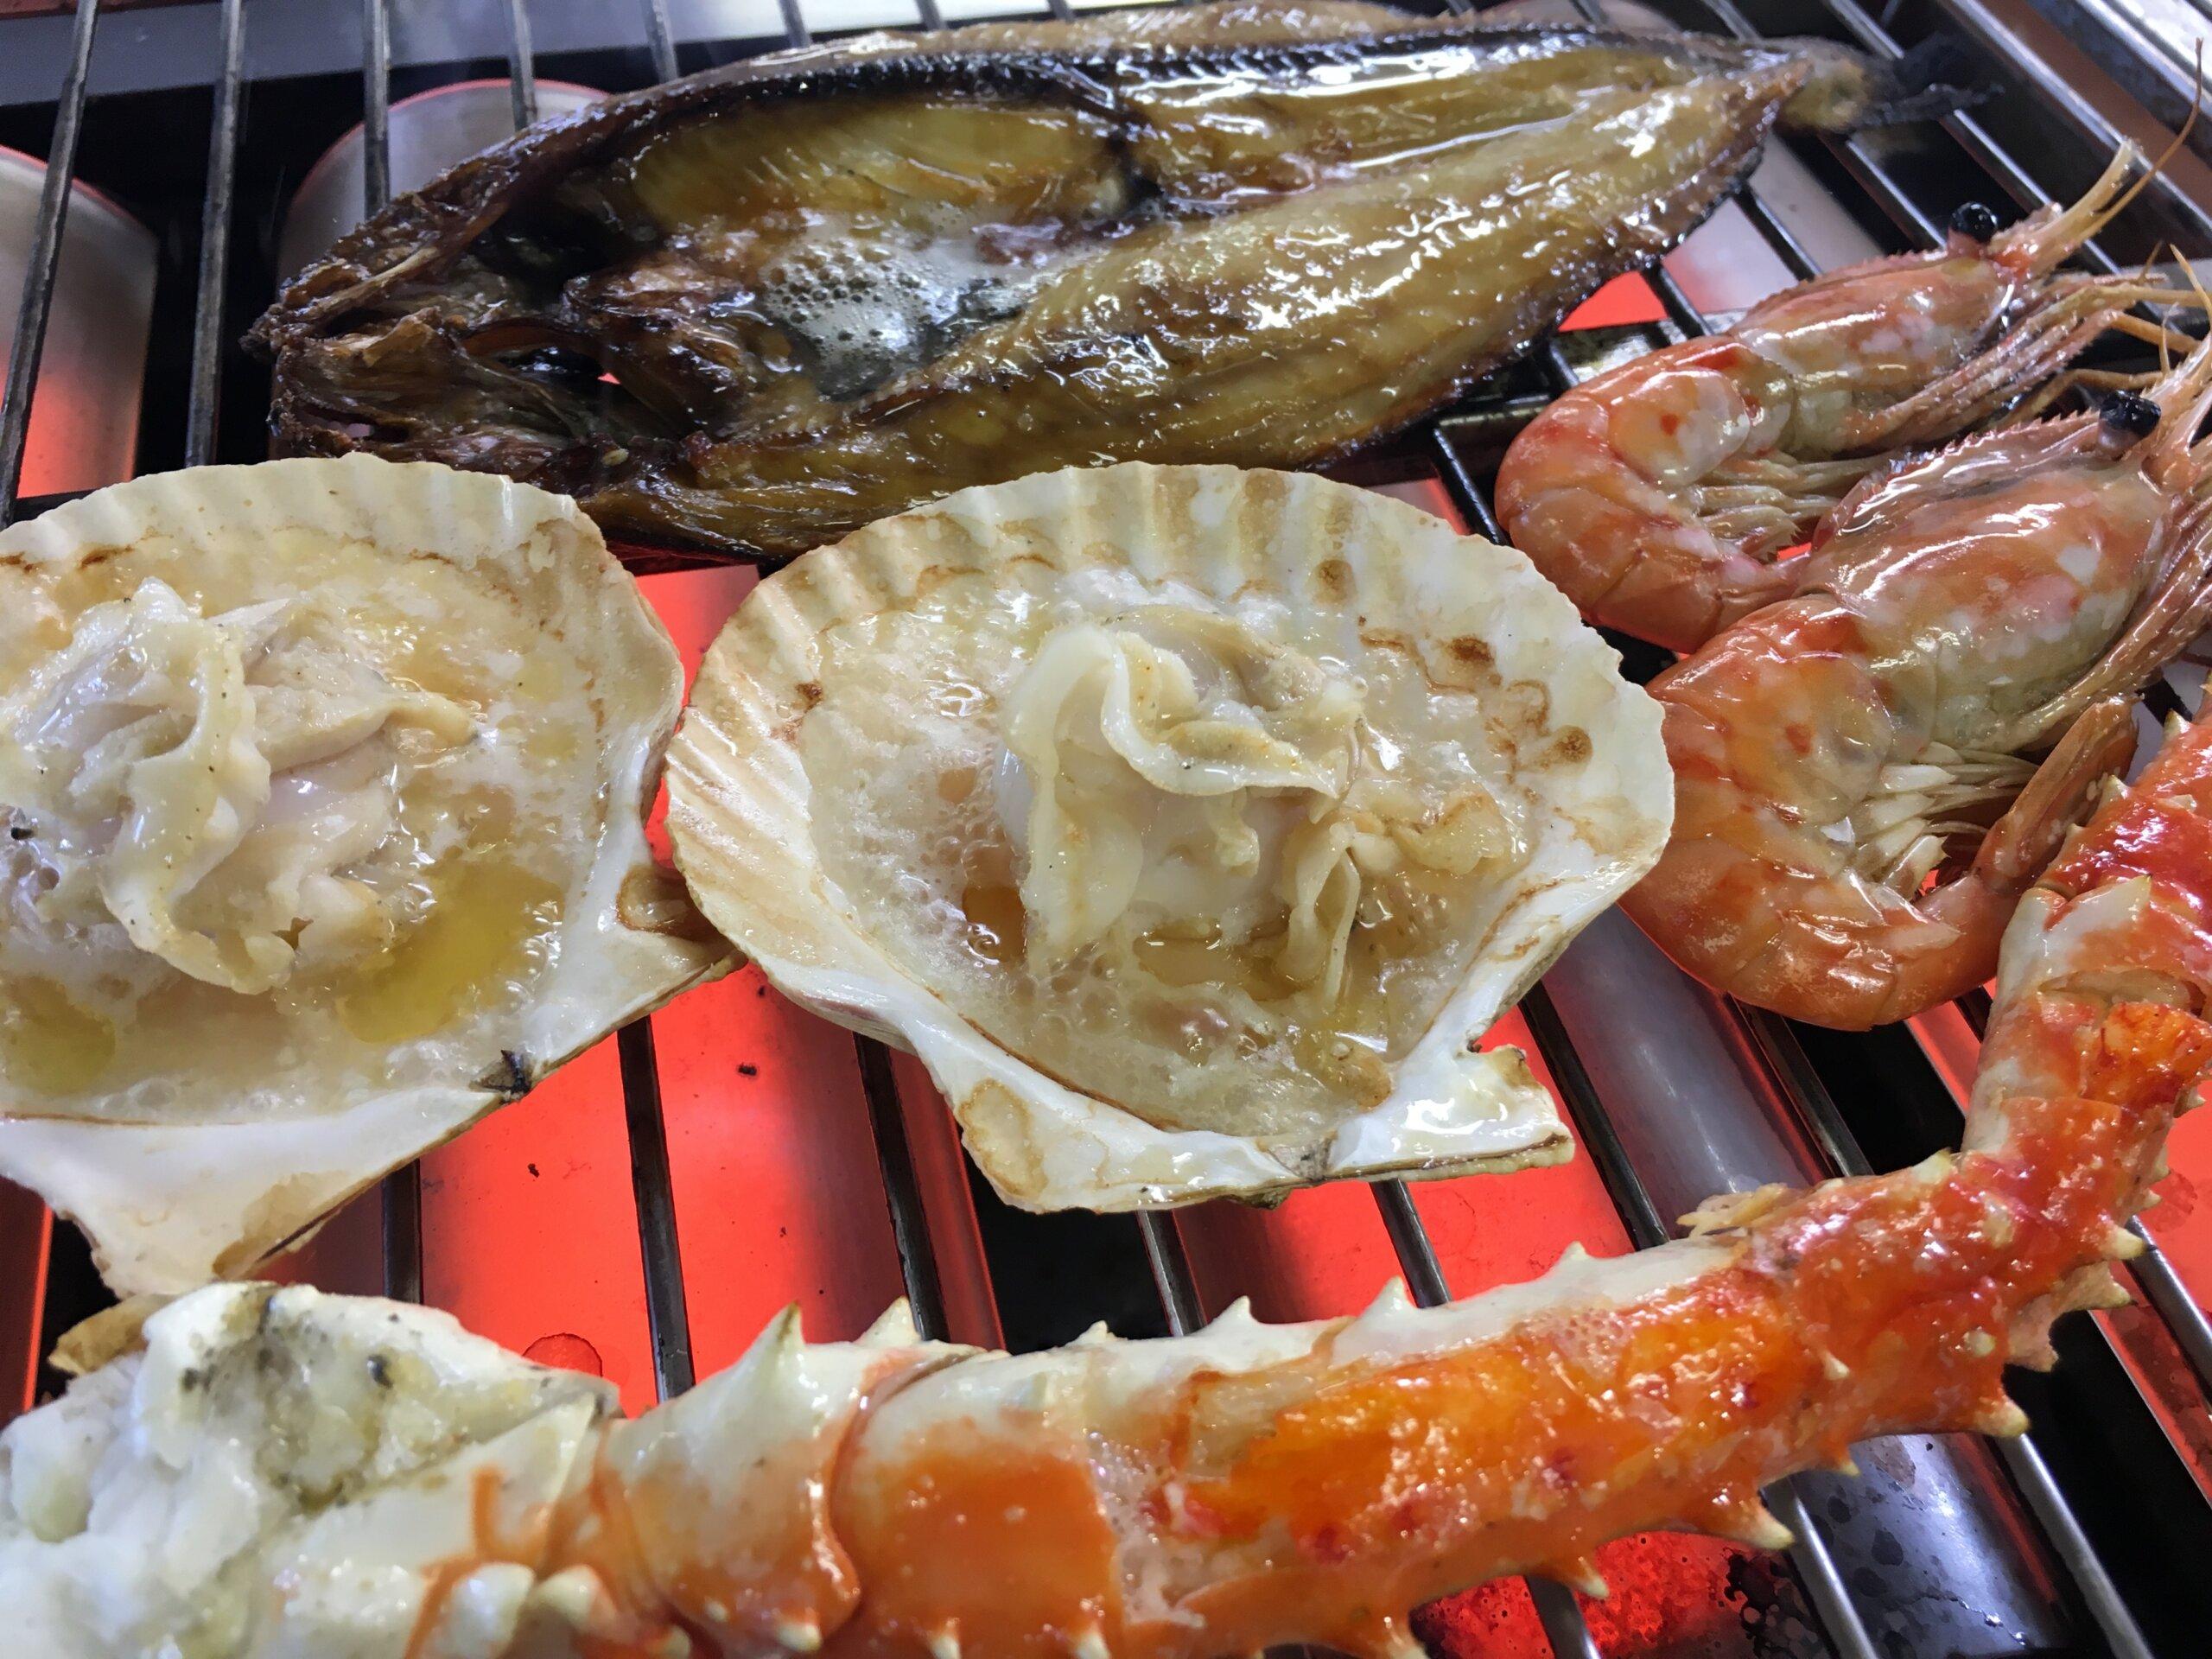 MARUKAICHI水産 海鮮爐端燒:水產公司直營燒烤店!來品嚐凝聚滿滿海味的海鮮燒烤